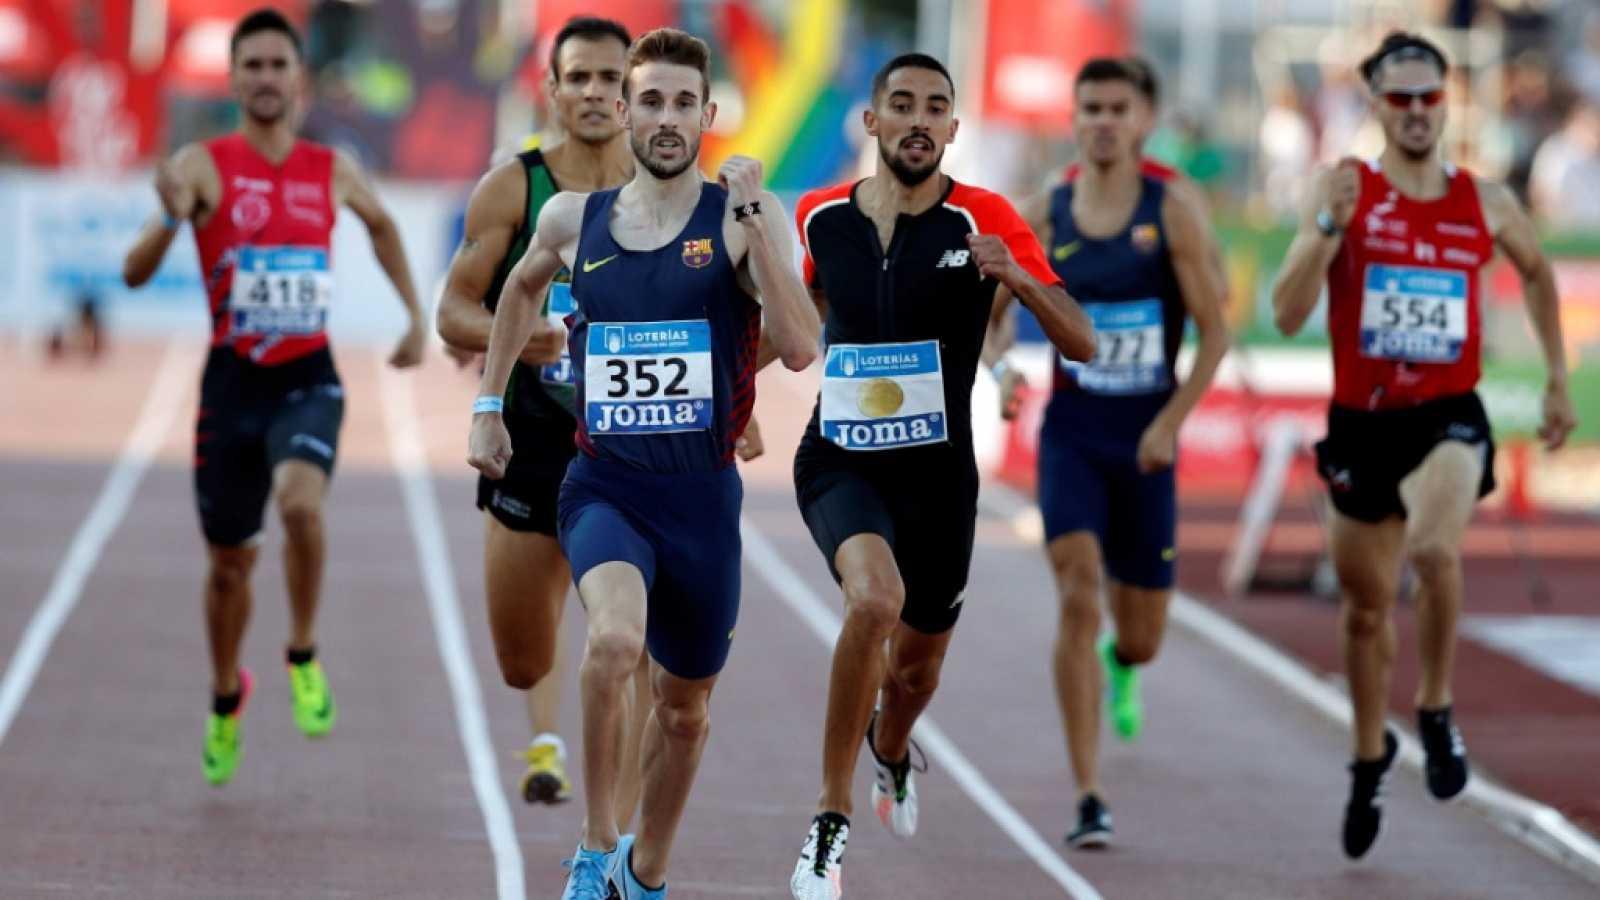 Atletismo - Campeonato de España Absoluto 2ª jornada (2) - ver ahora